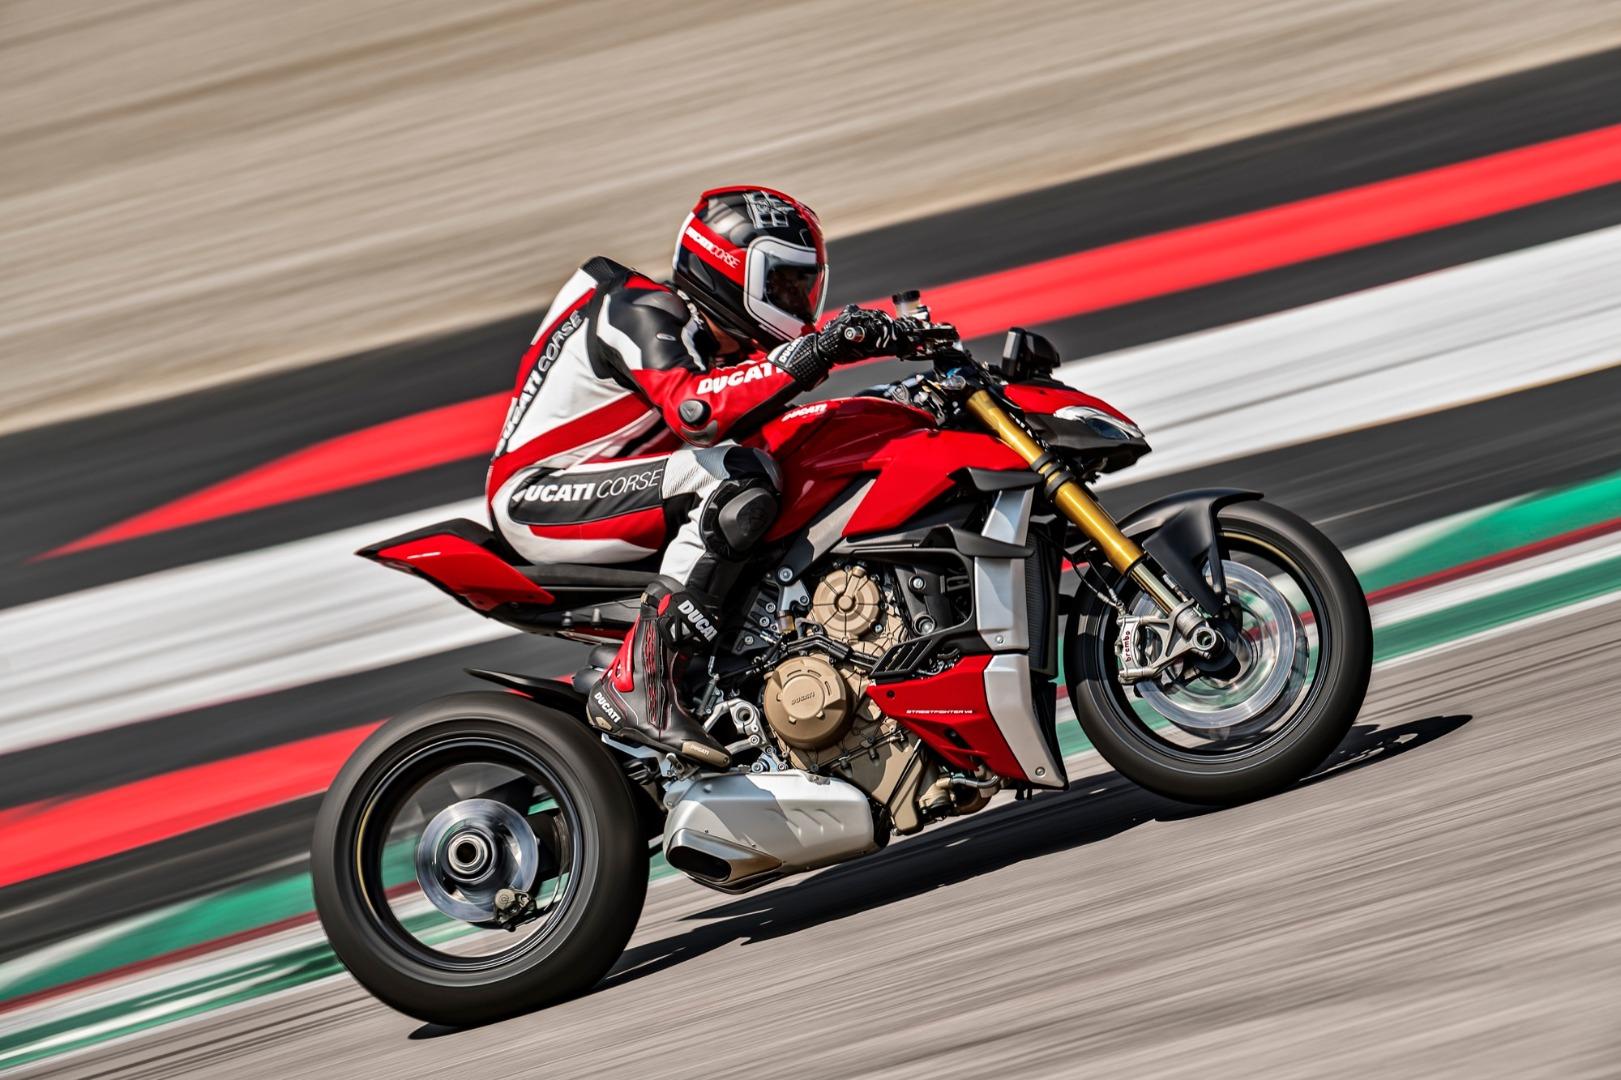 Ducati Streetfighter 2009 vs Ducati Streetfighter V4 2010 | Así ha evolucionado